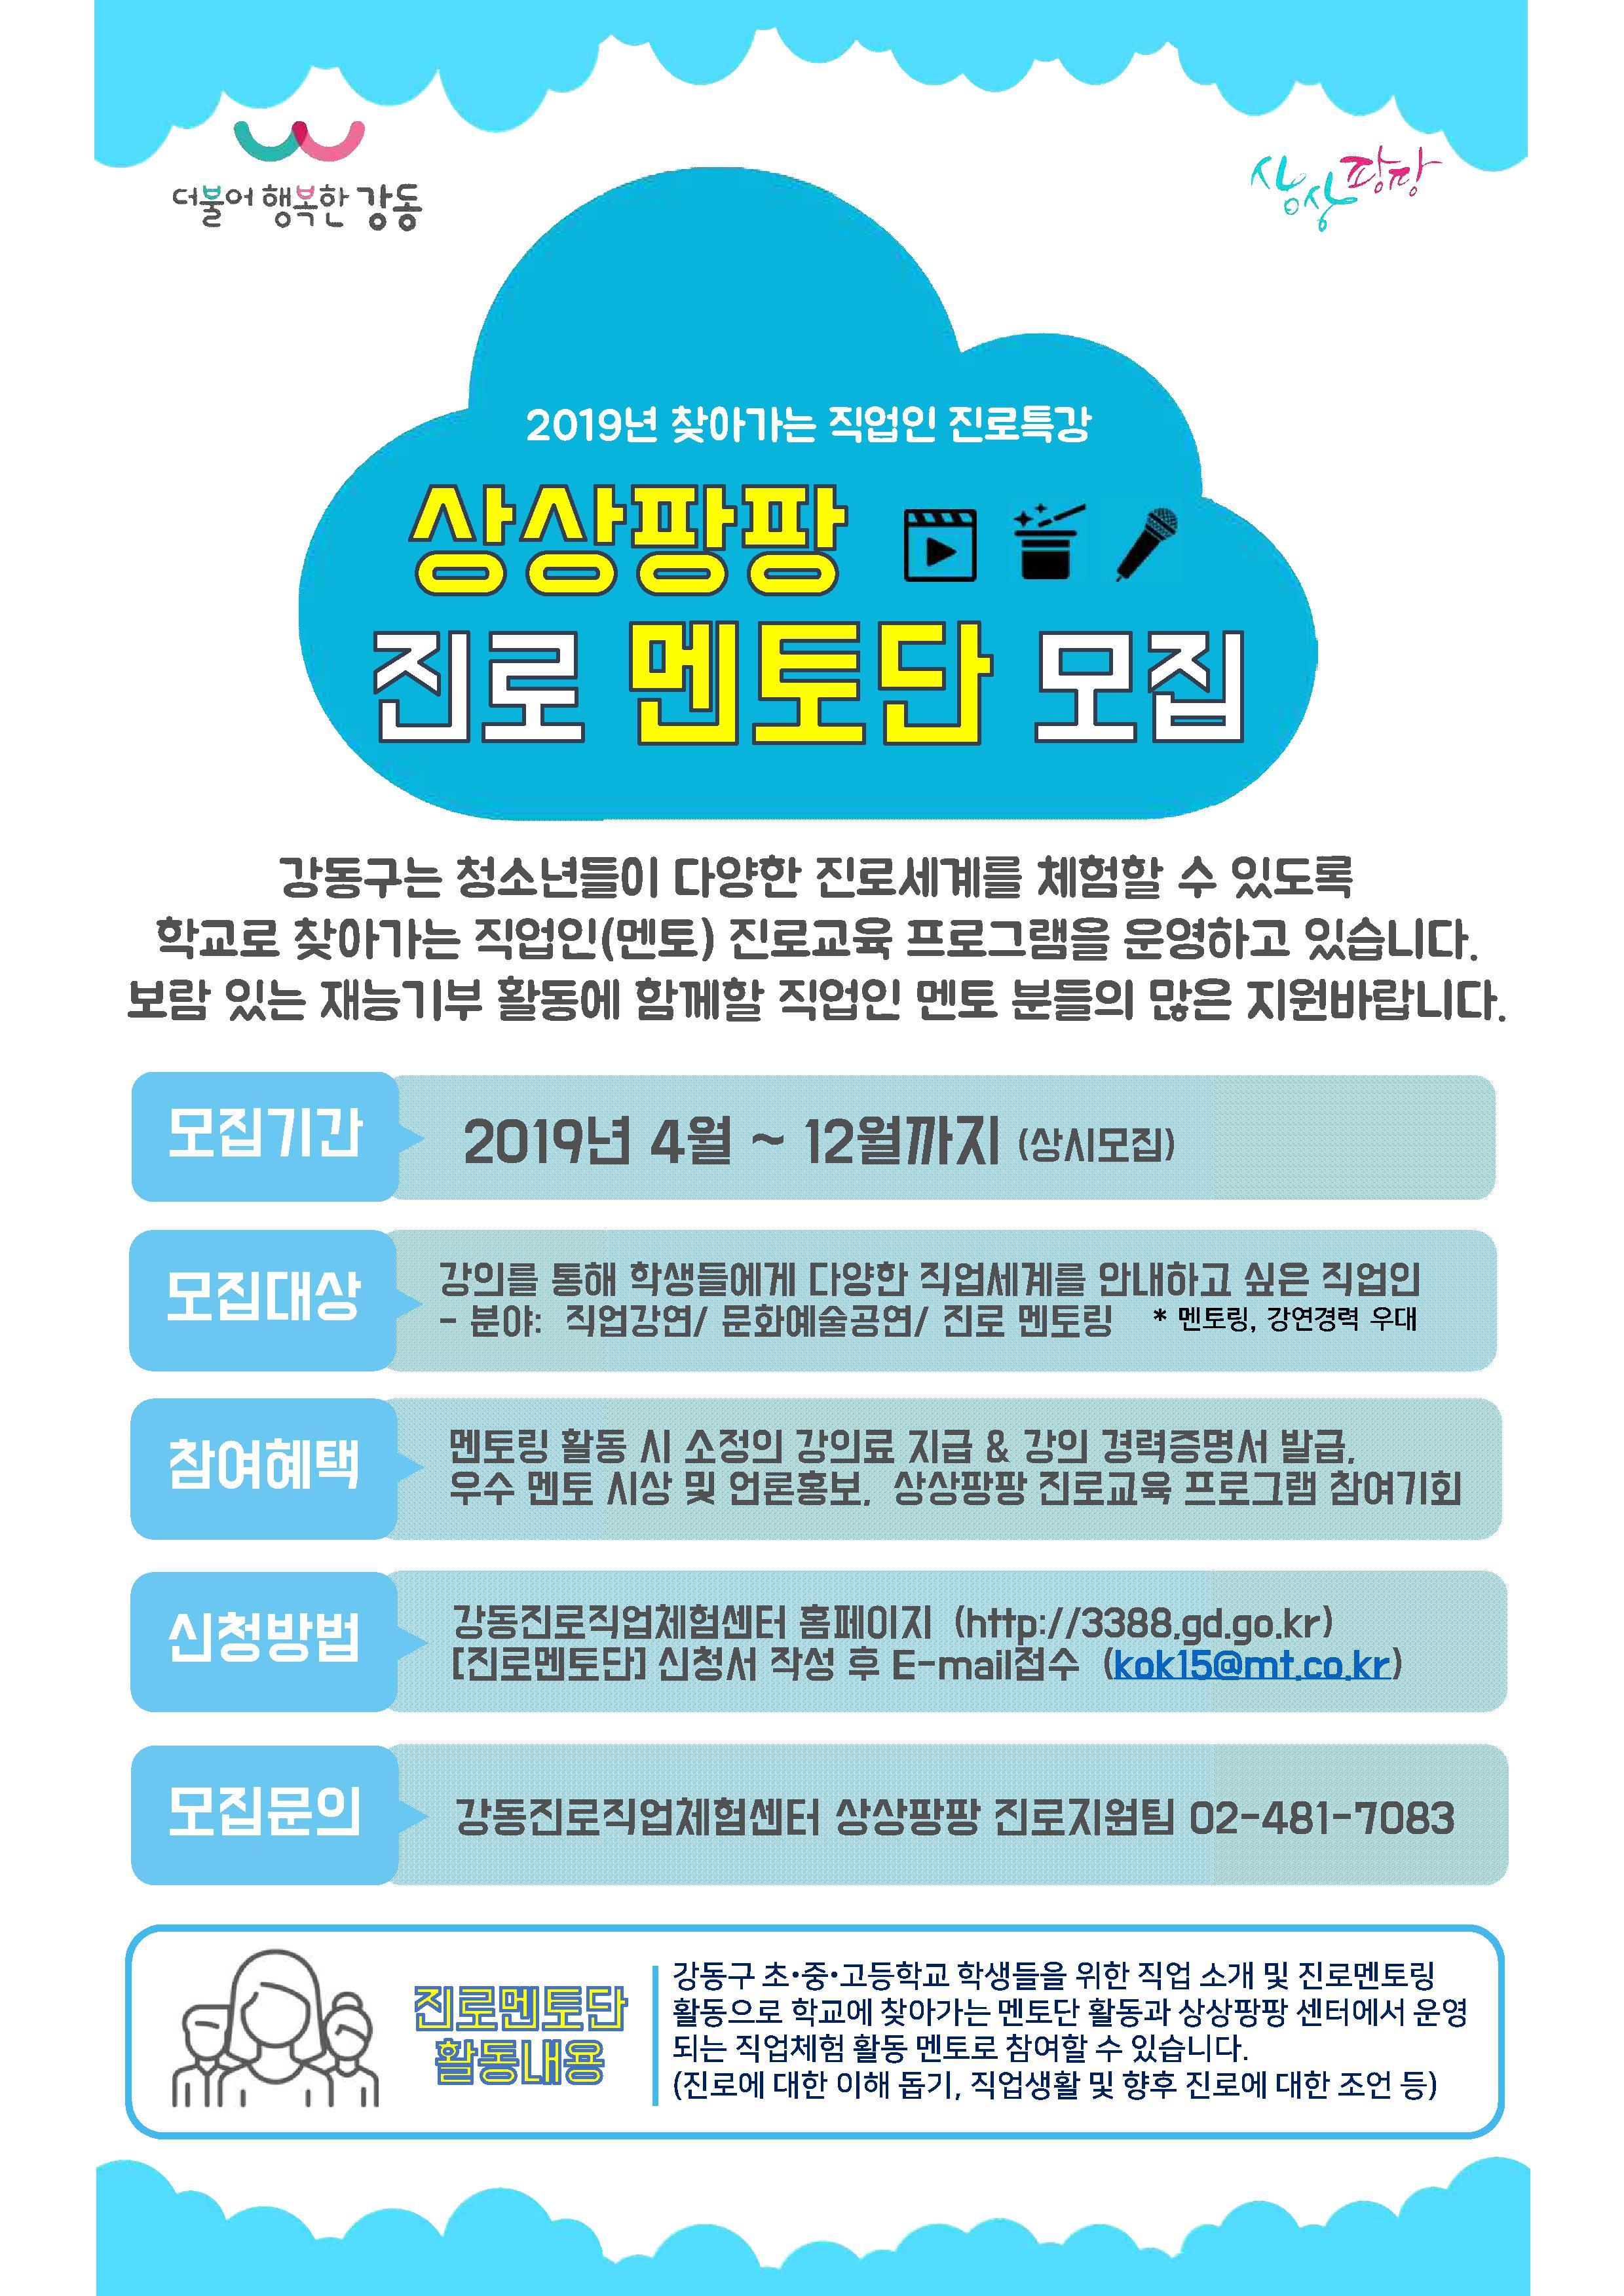 사본 -2019 상상팡팡 문화예술 멘토모집.jpg